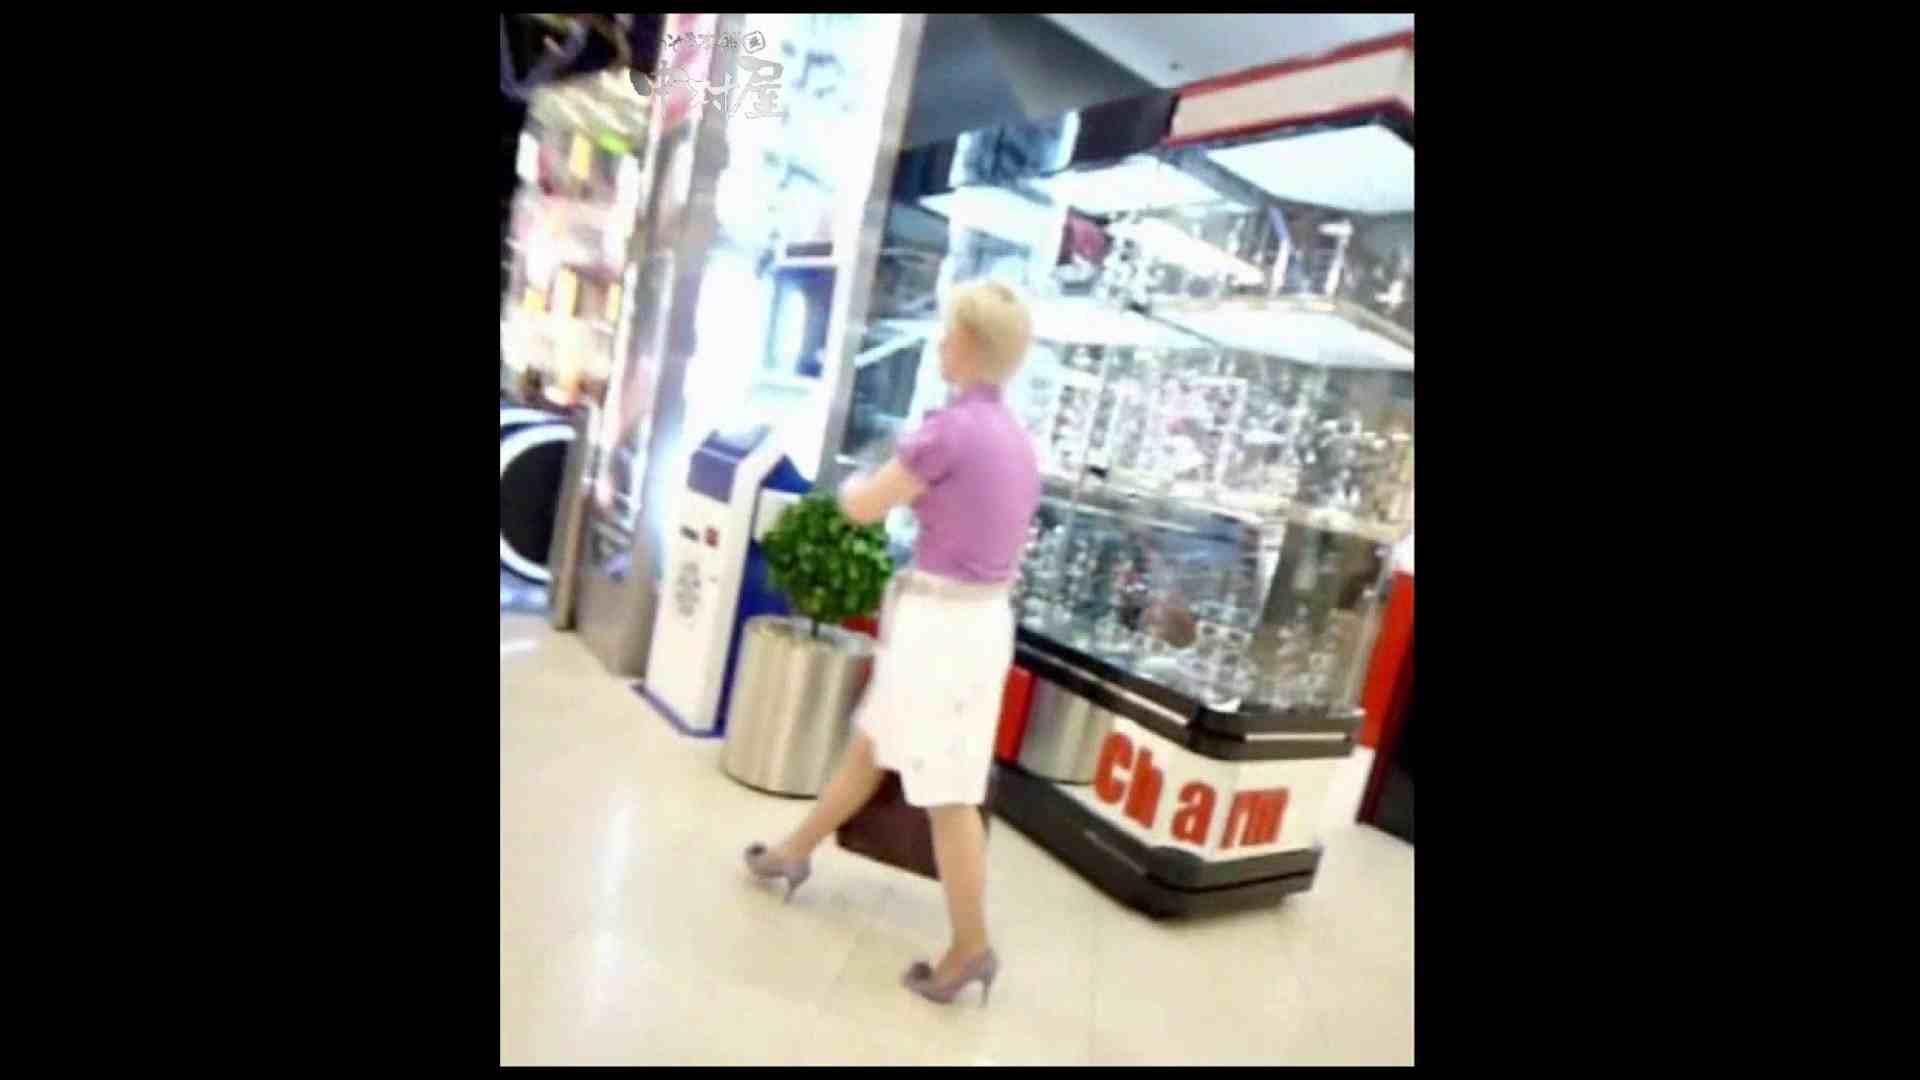 綺麗なモデルさんのスカート捲っちゃおう‼ vol30 0  105pic 48